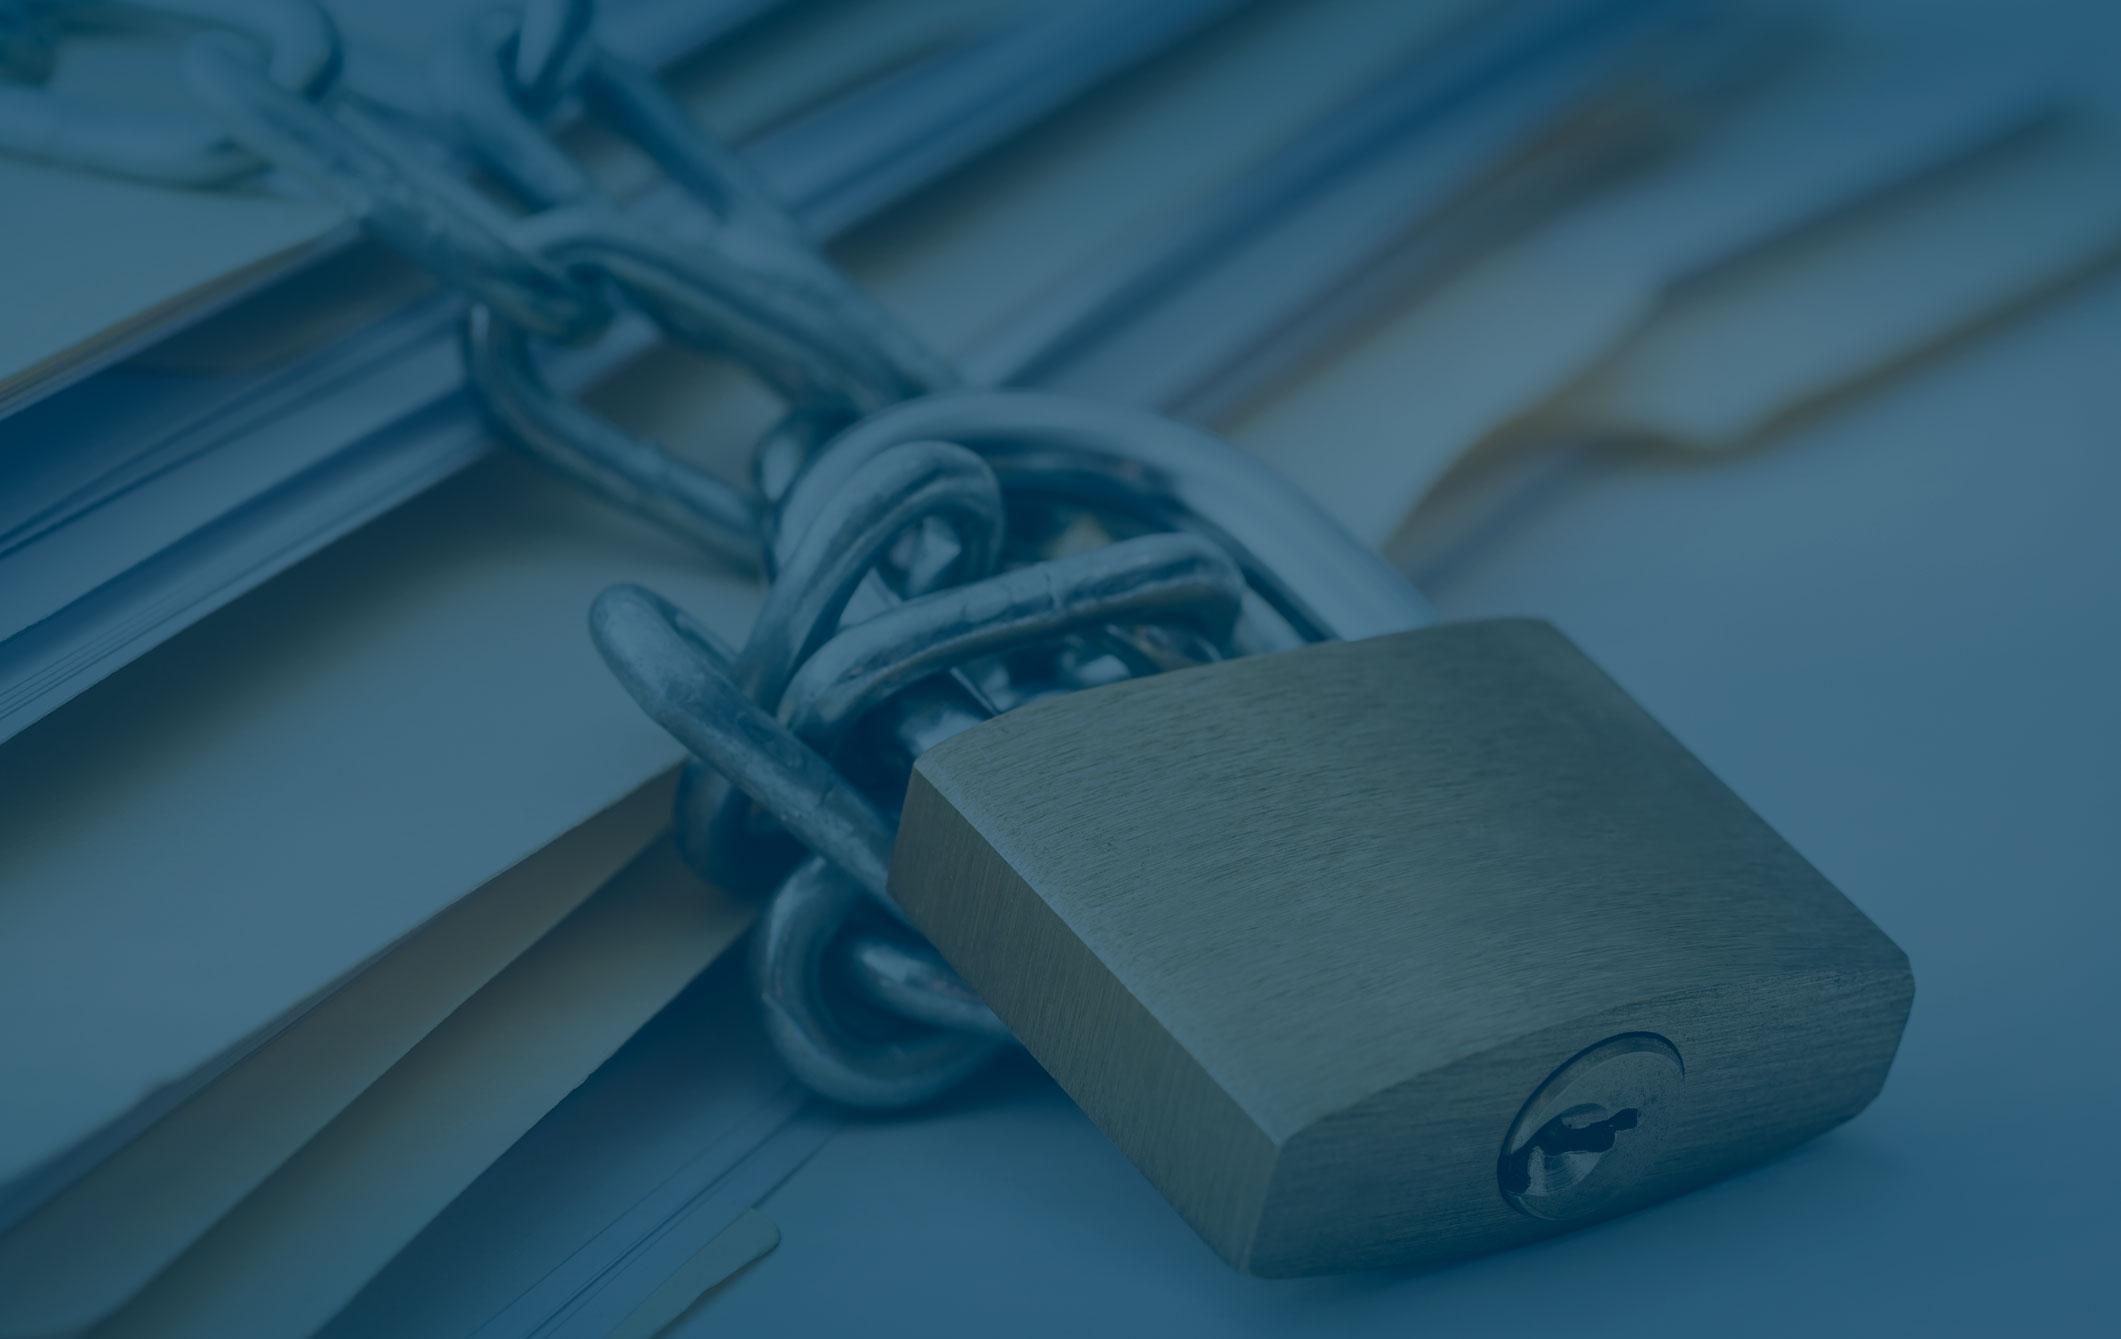 Работа со служебной информацией ограниченного распространения, содержащейся в документах об антитеррористической защищенности